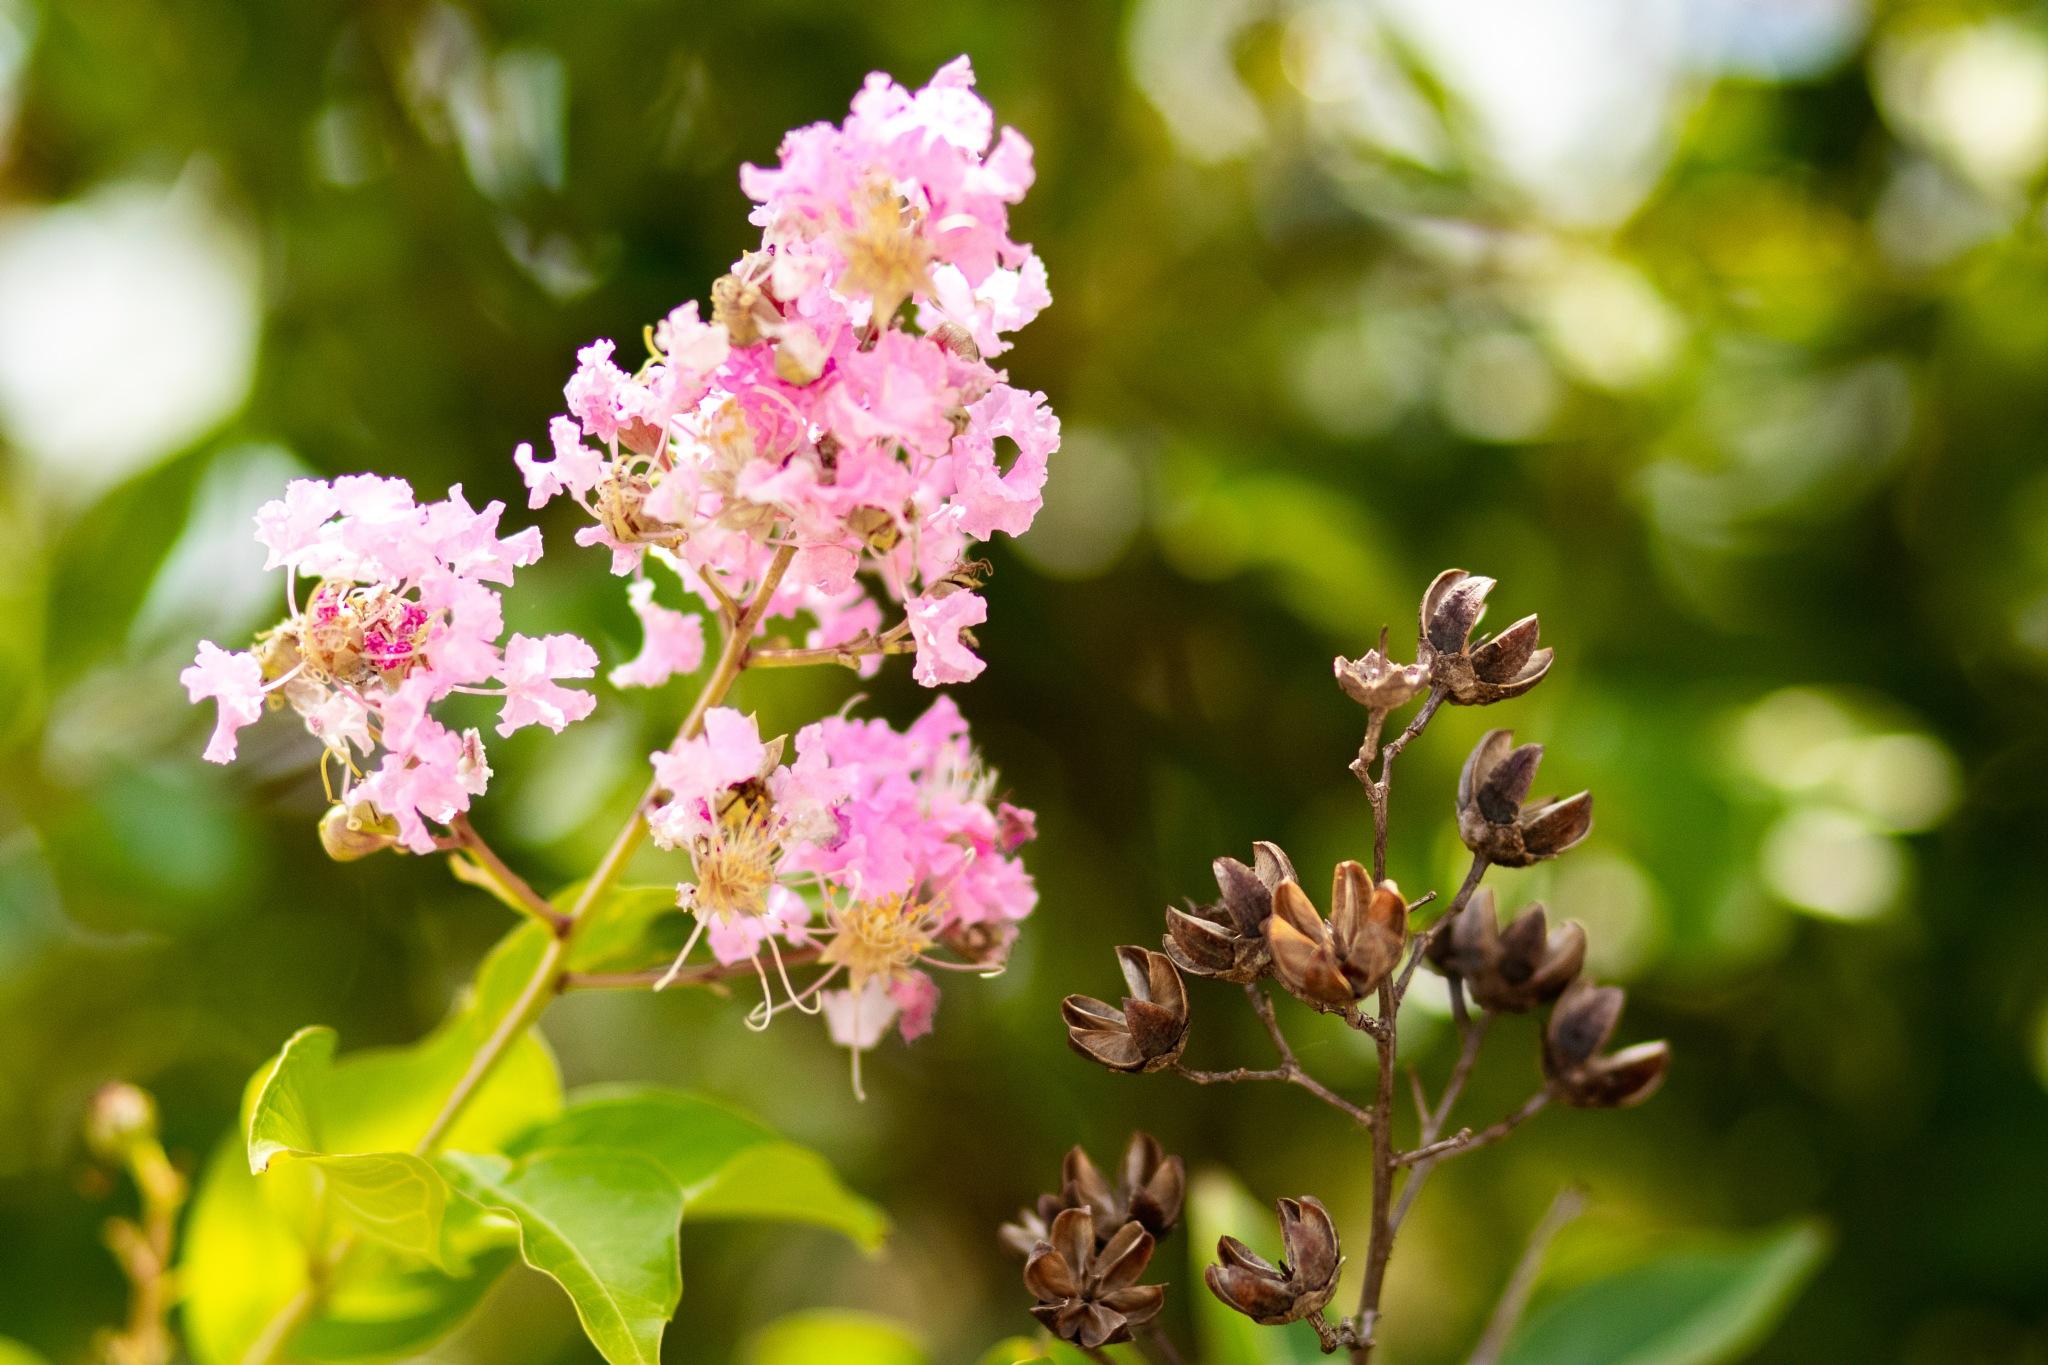 Flower by Brookelyn